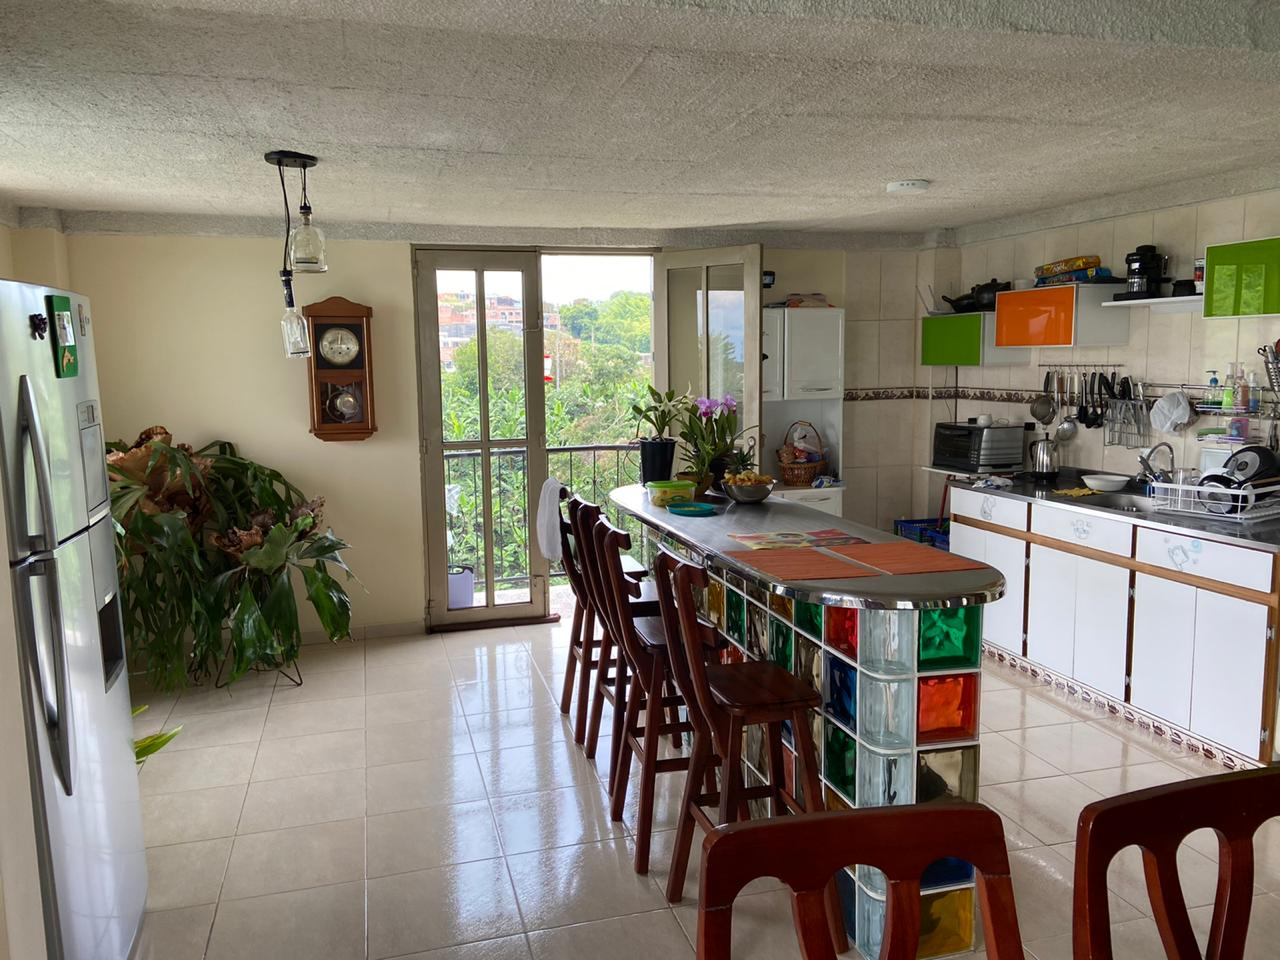 CÑVOC-0056 Se vende cabaña en Palestina, en conjunto cerrado.